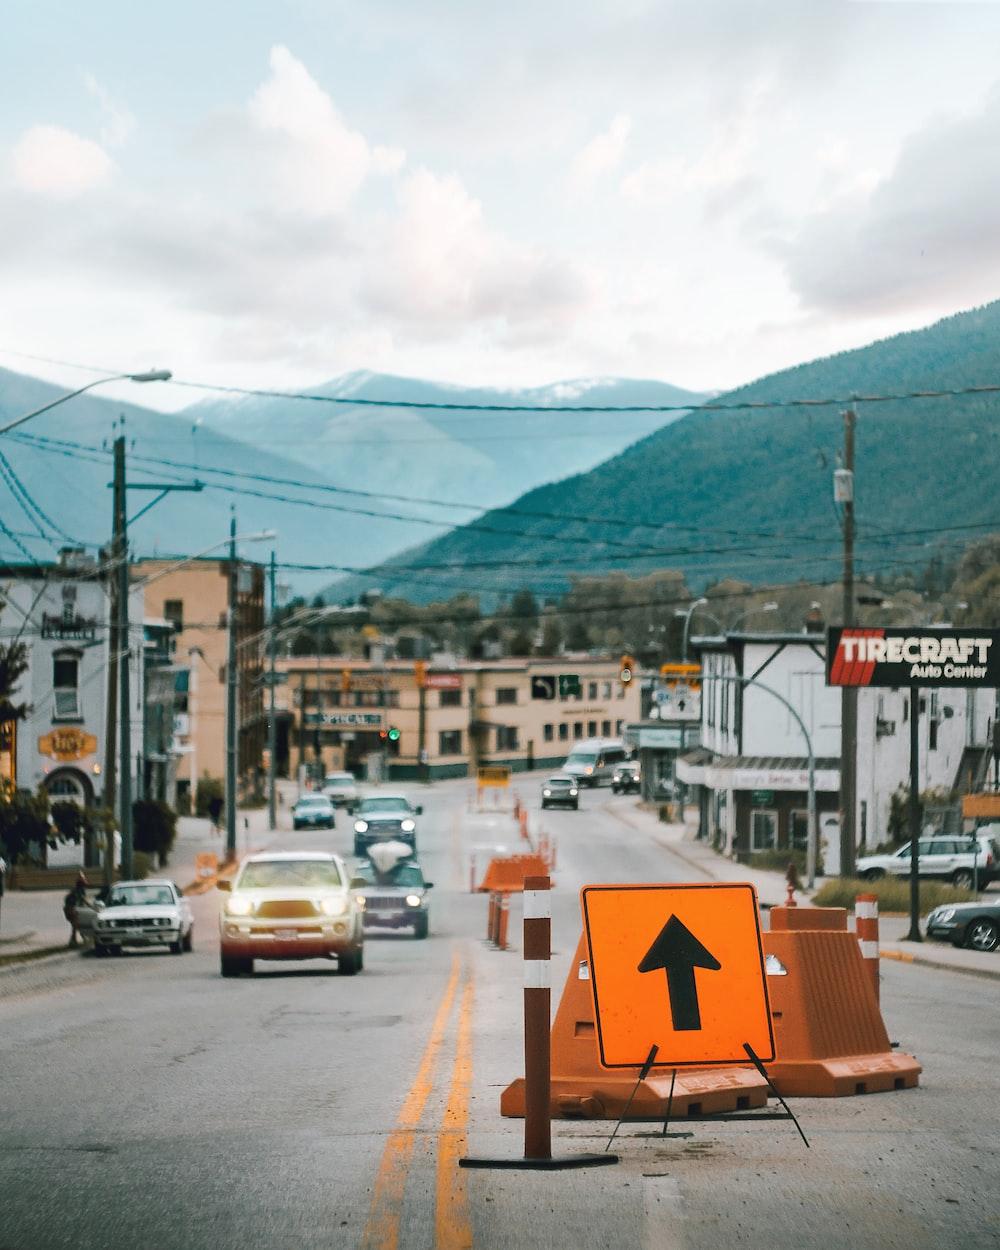 orange arrow road signage near car